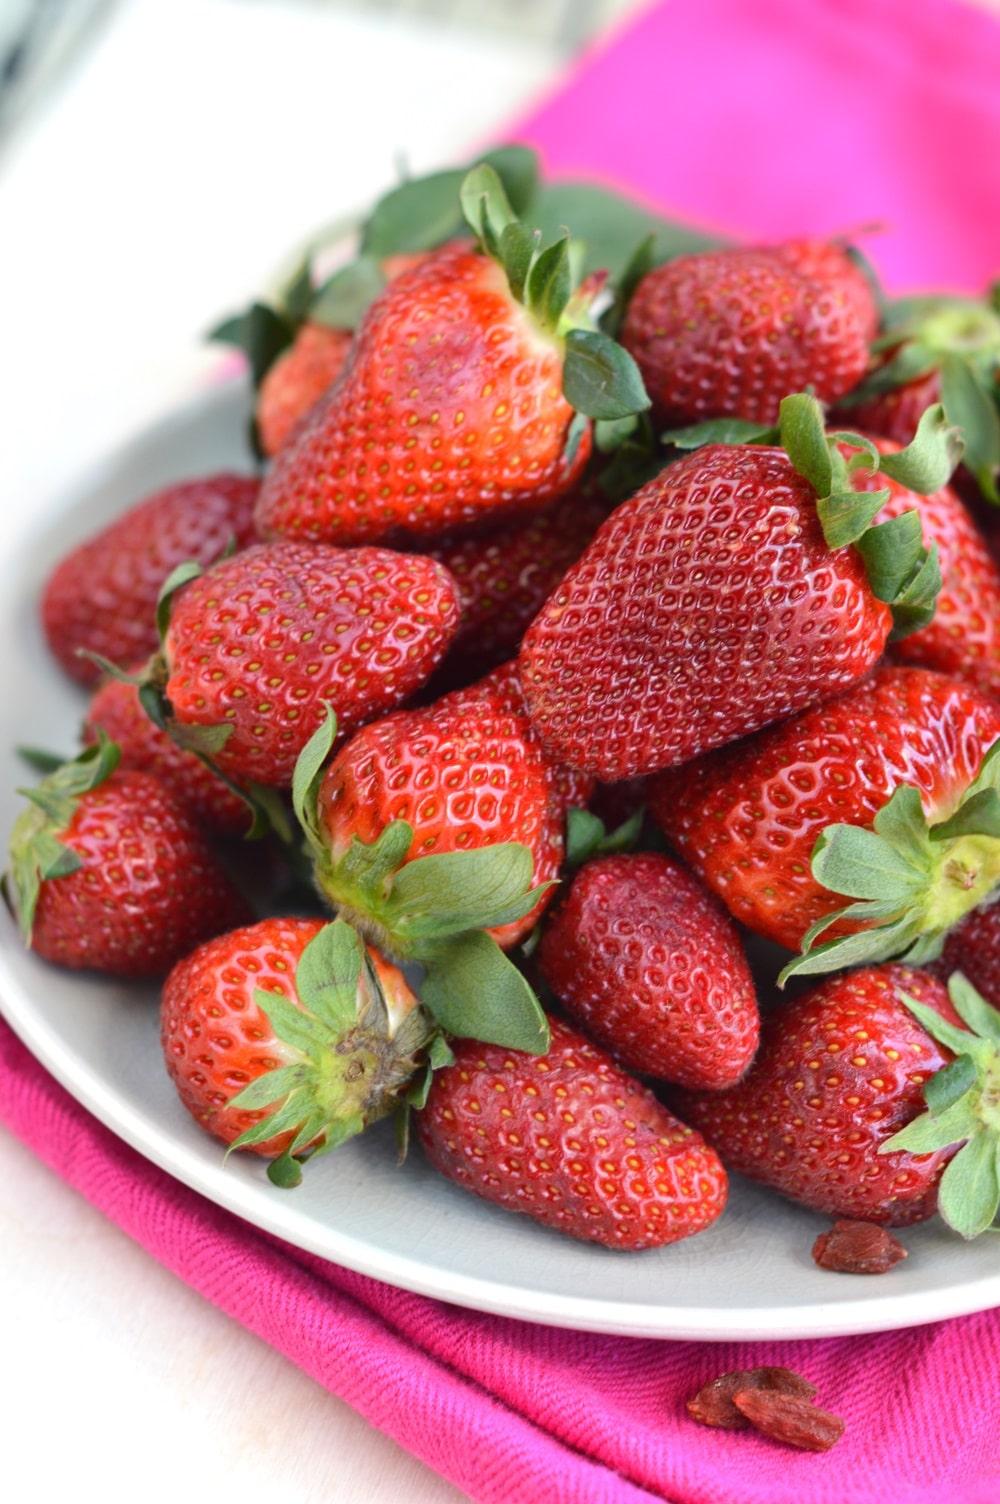 NZ strawberries